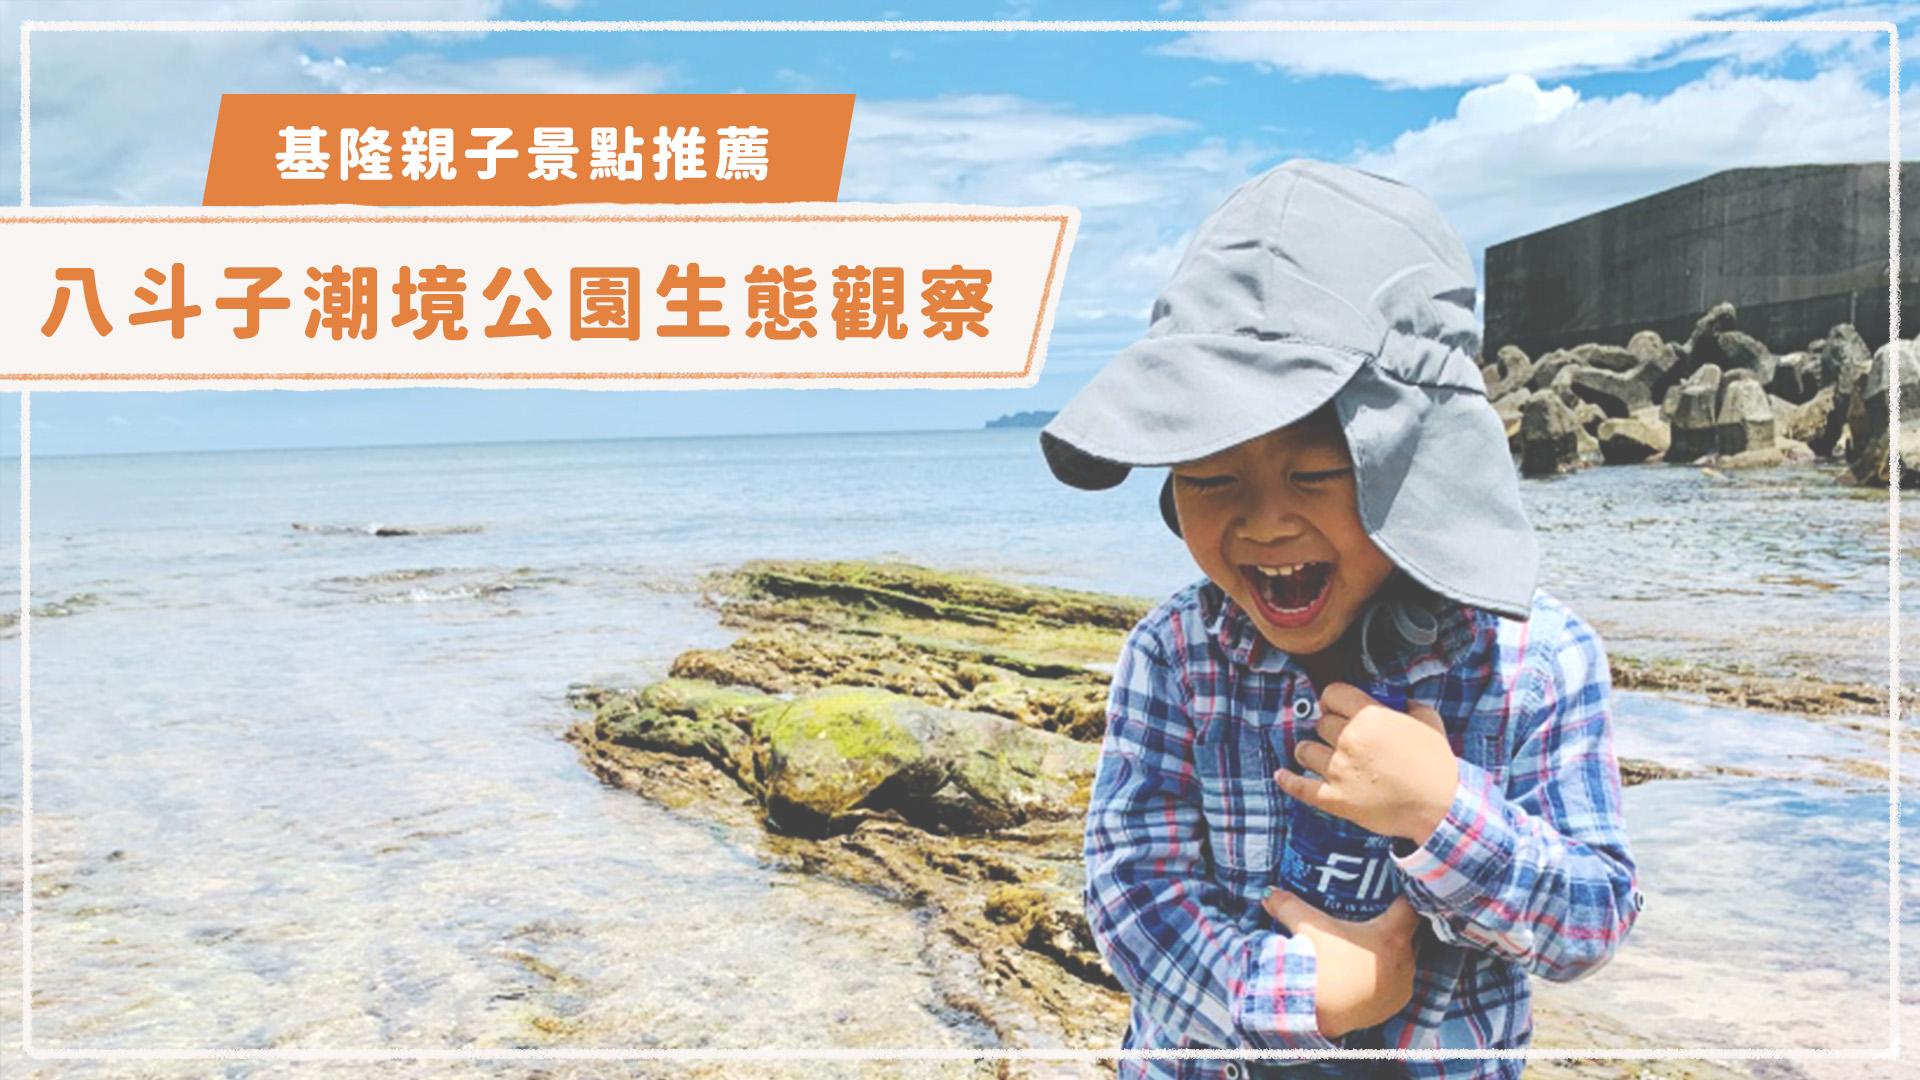 【親子景點推薦】基隆八斗子|潮境公園親子生態觀察